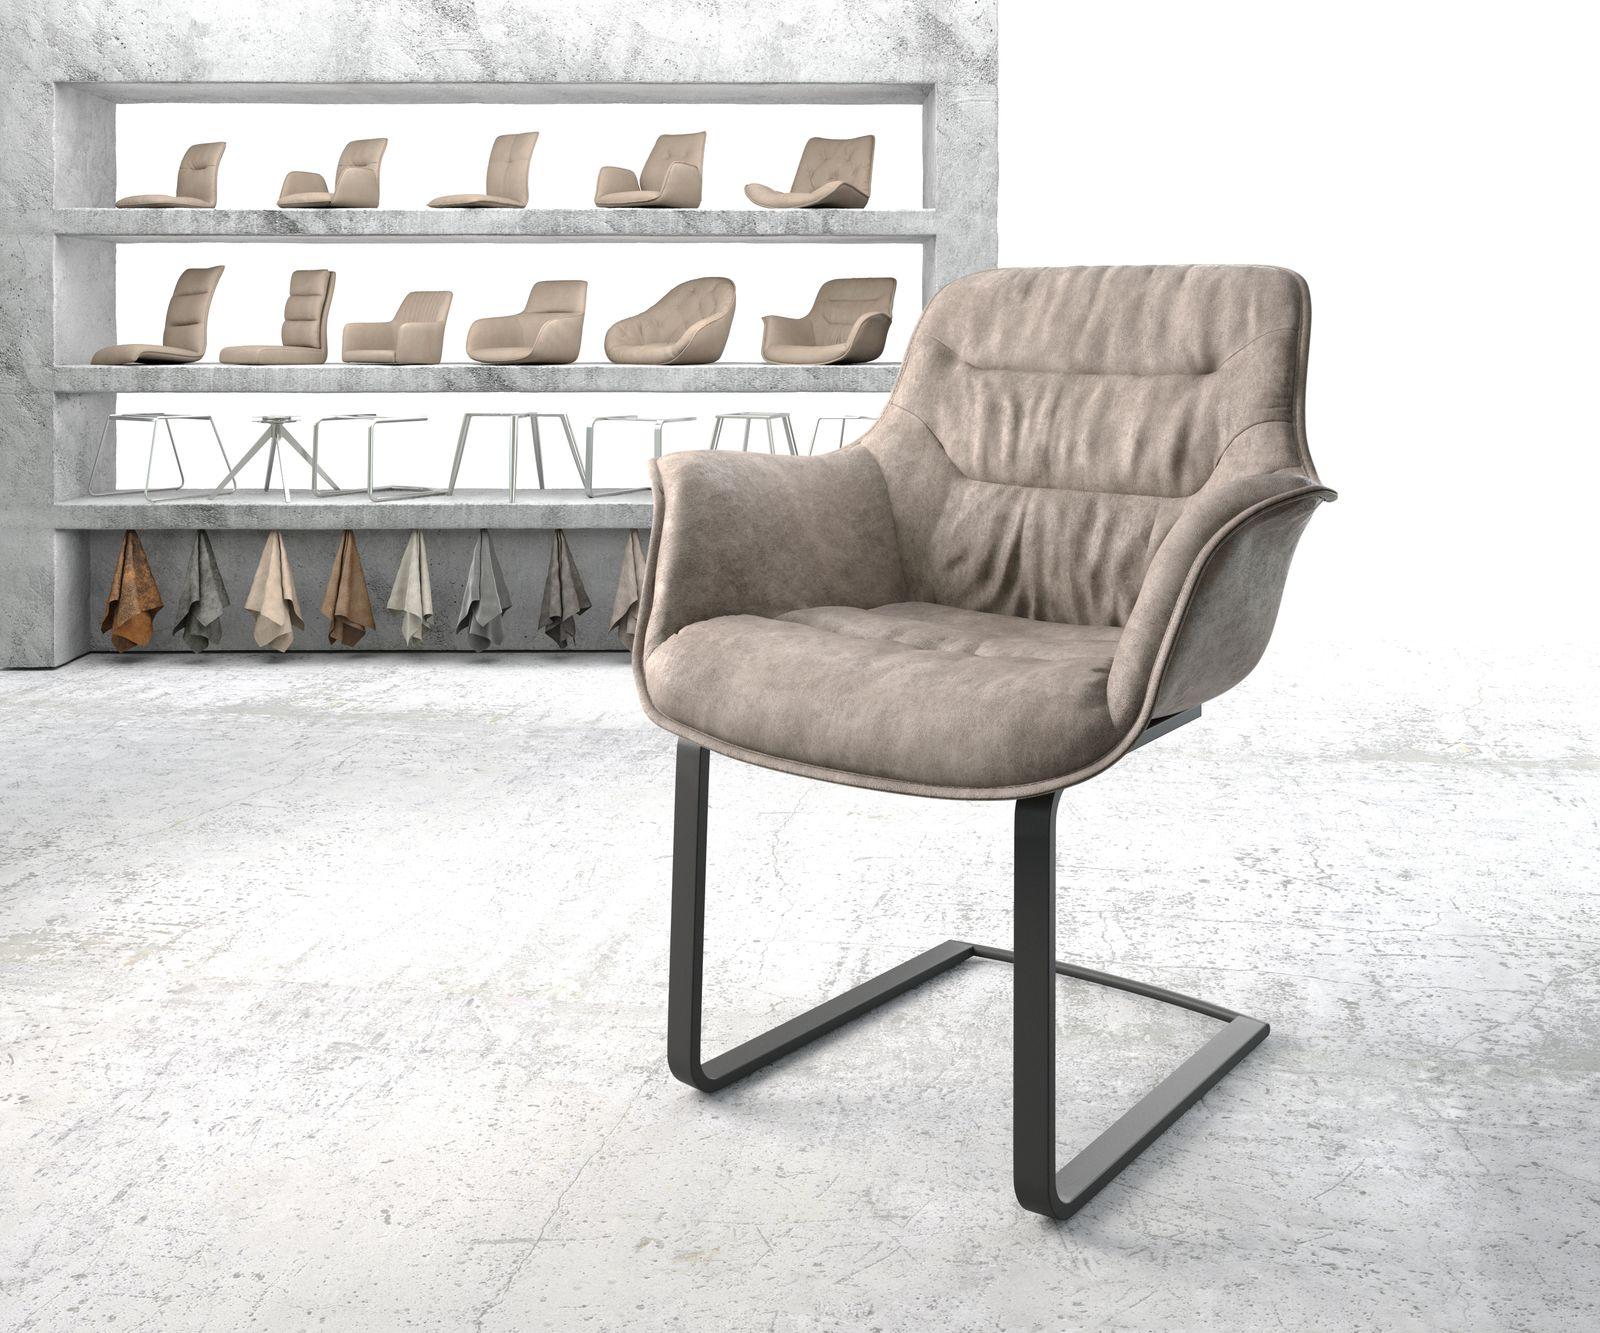 delife-armlehnstuhl-kaira-flex-taupe-vintage-freischwinger-flach-schwarz-esszimmerstuhle